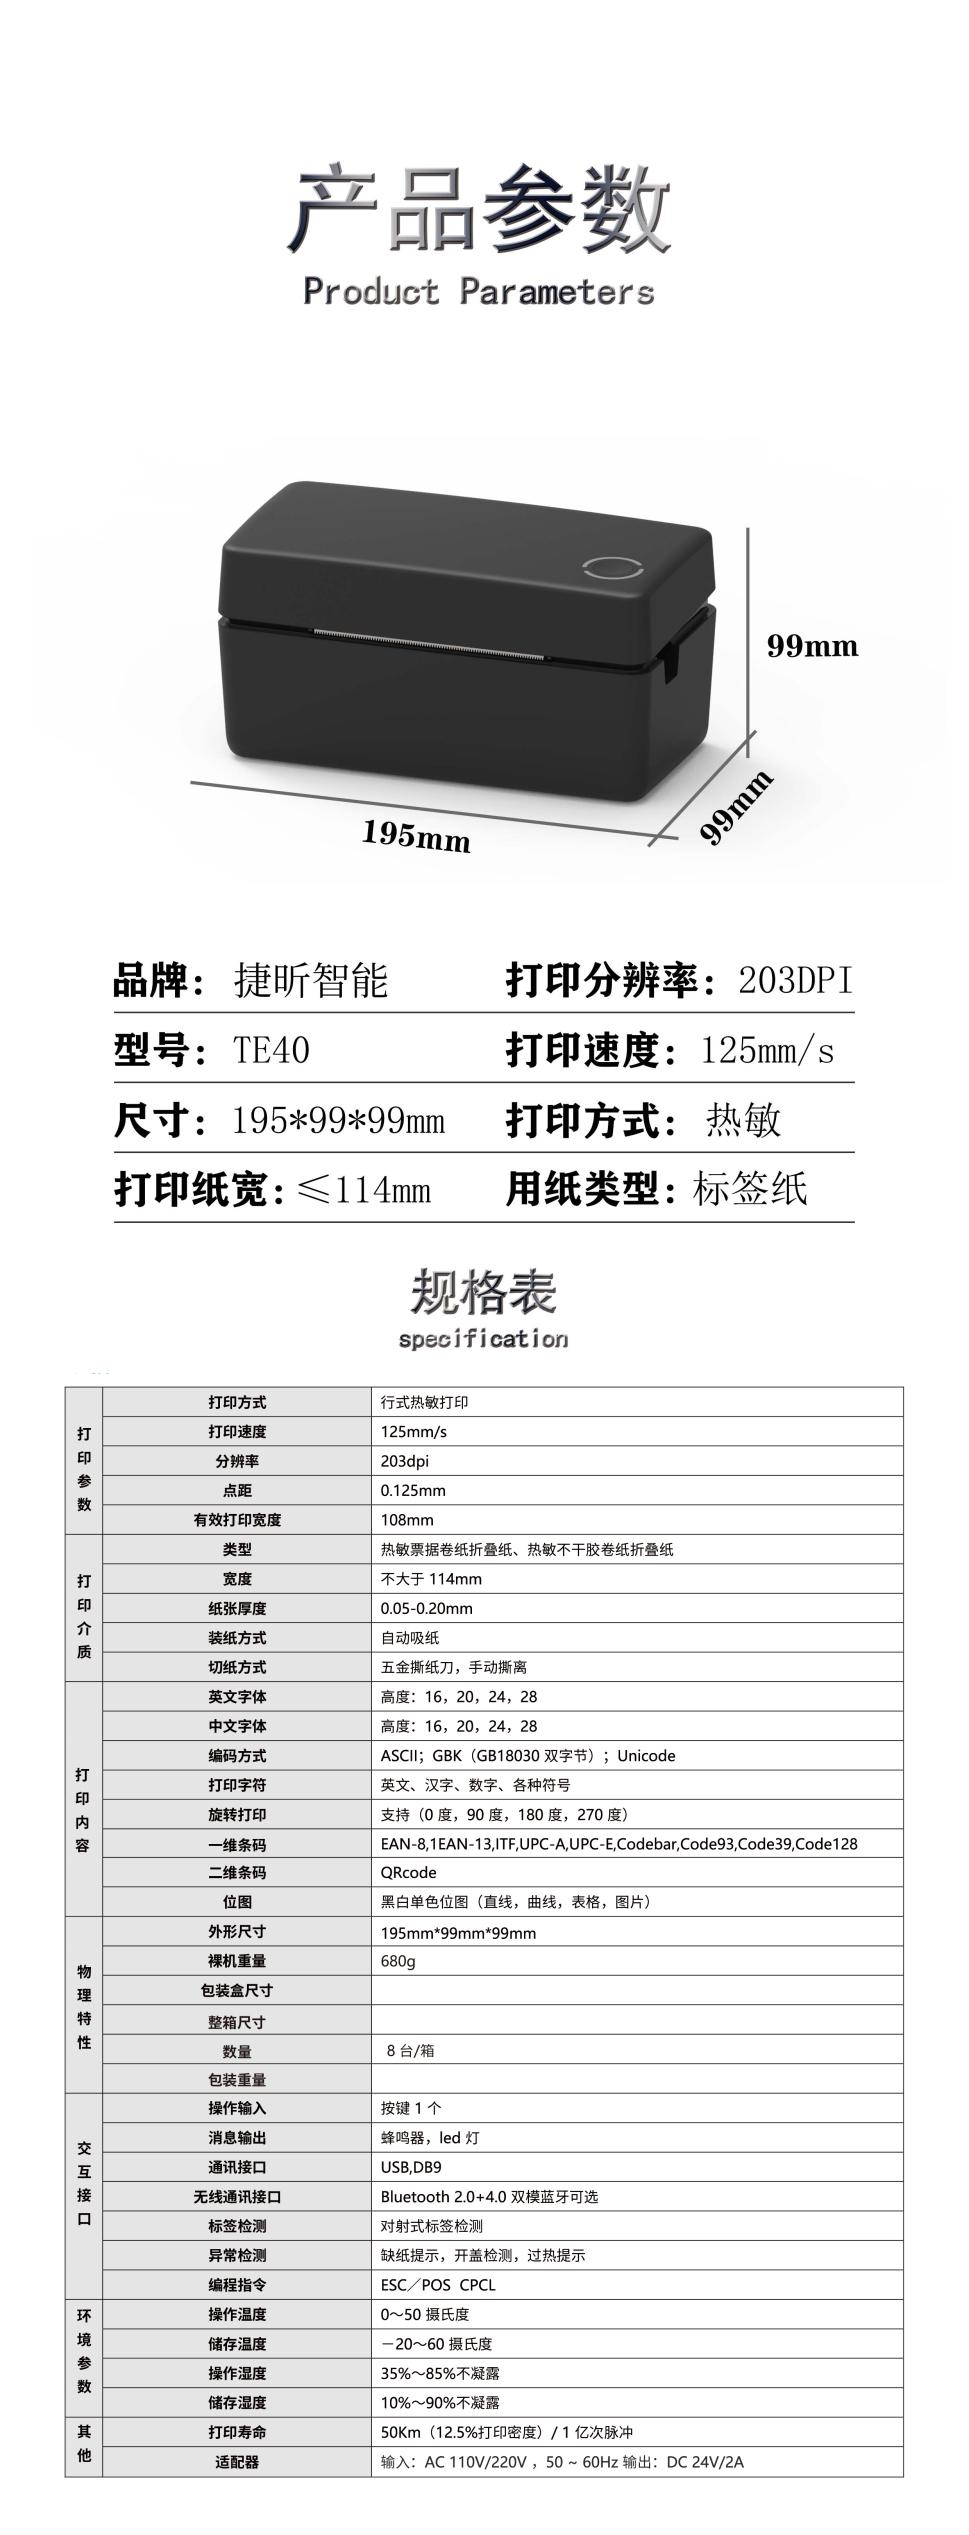 产品参数-01